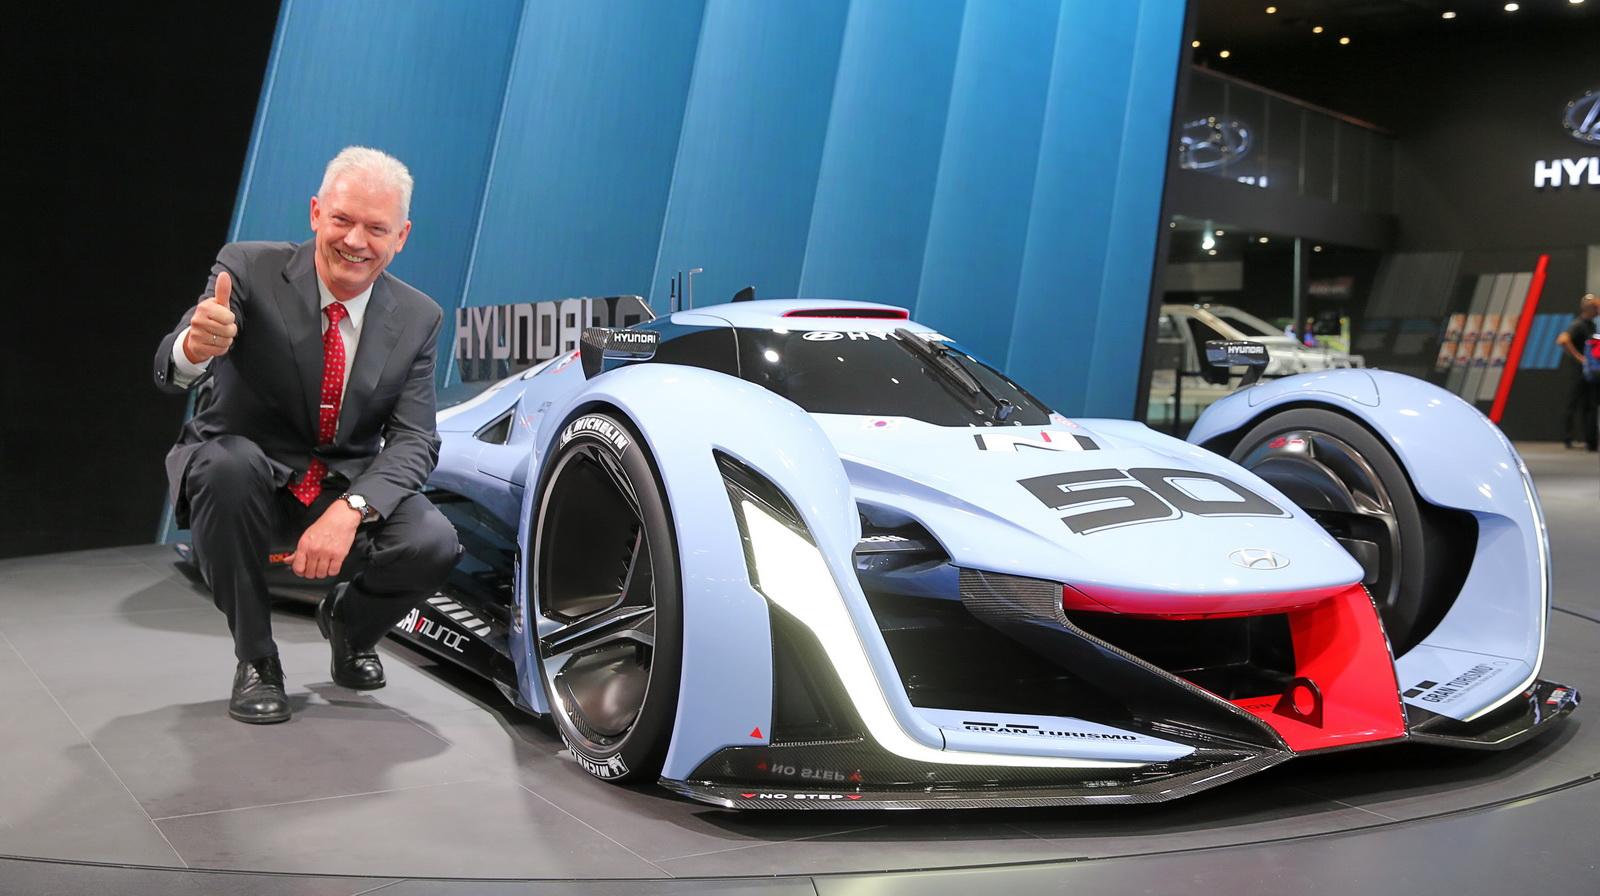 Sep Hyundai N: 'Chung toi khong sao chep Mercedes, BMW hay Porsche'